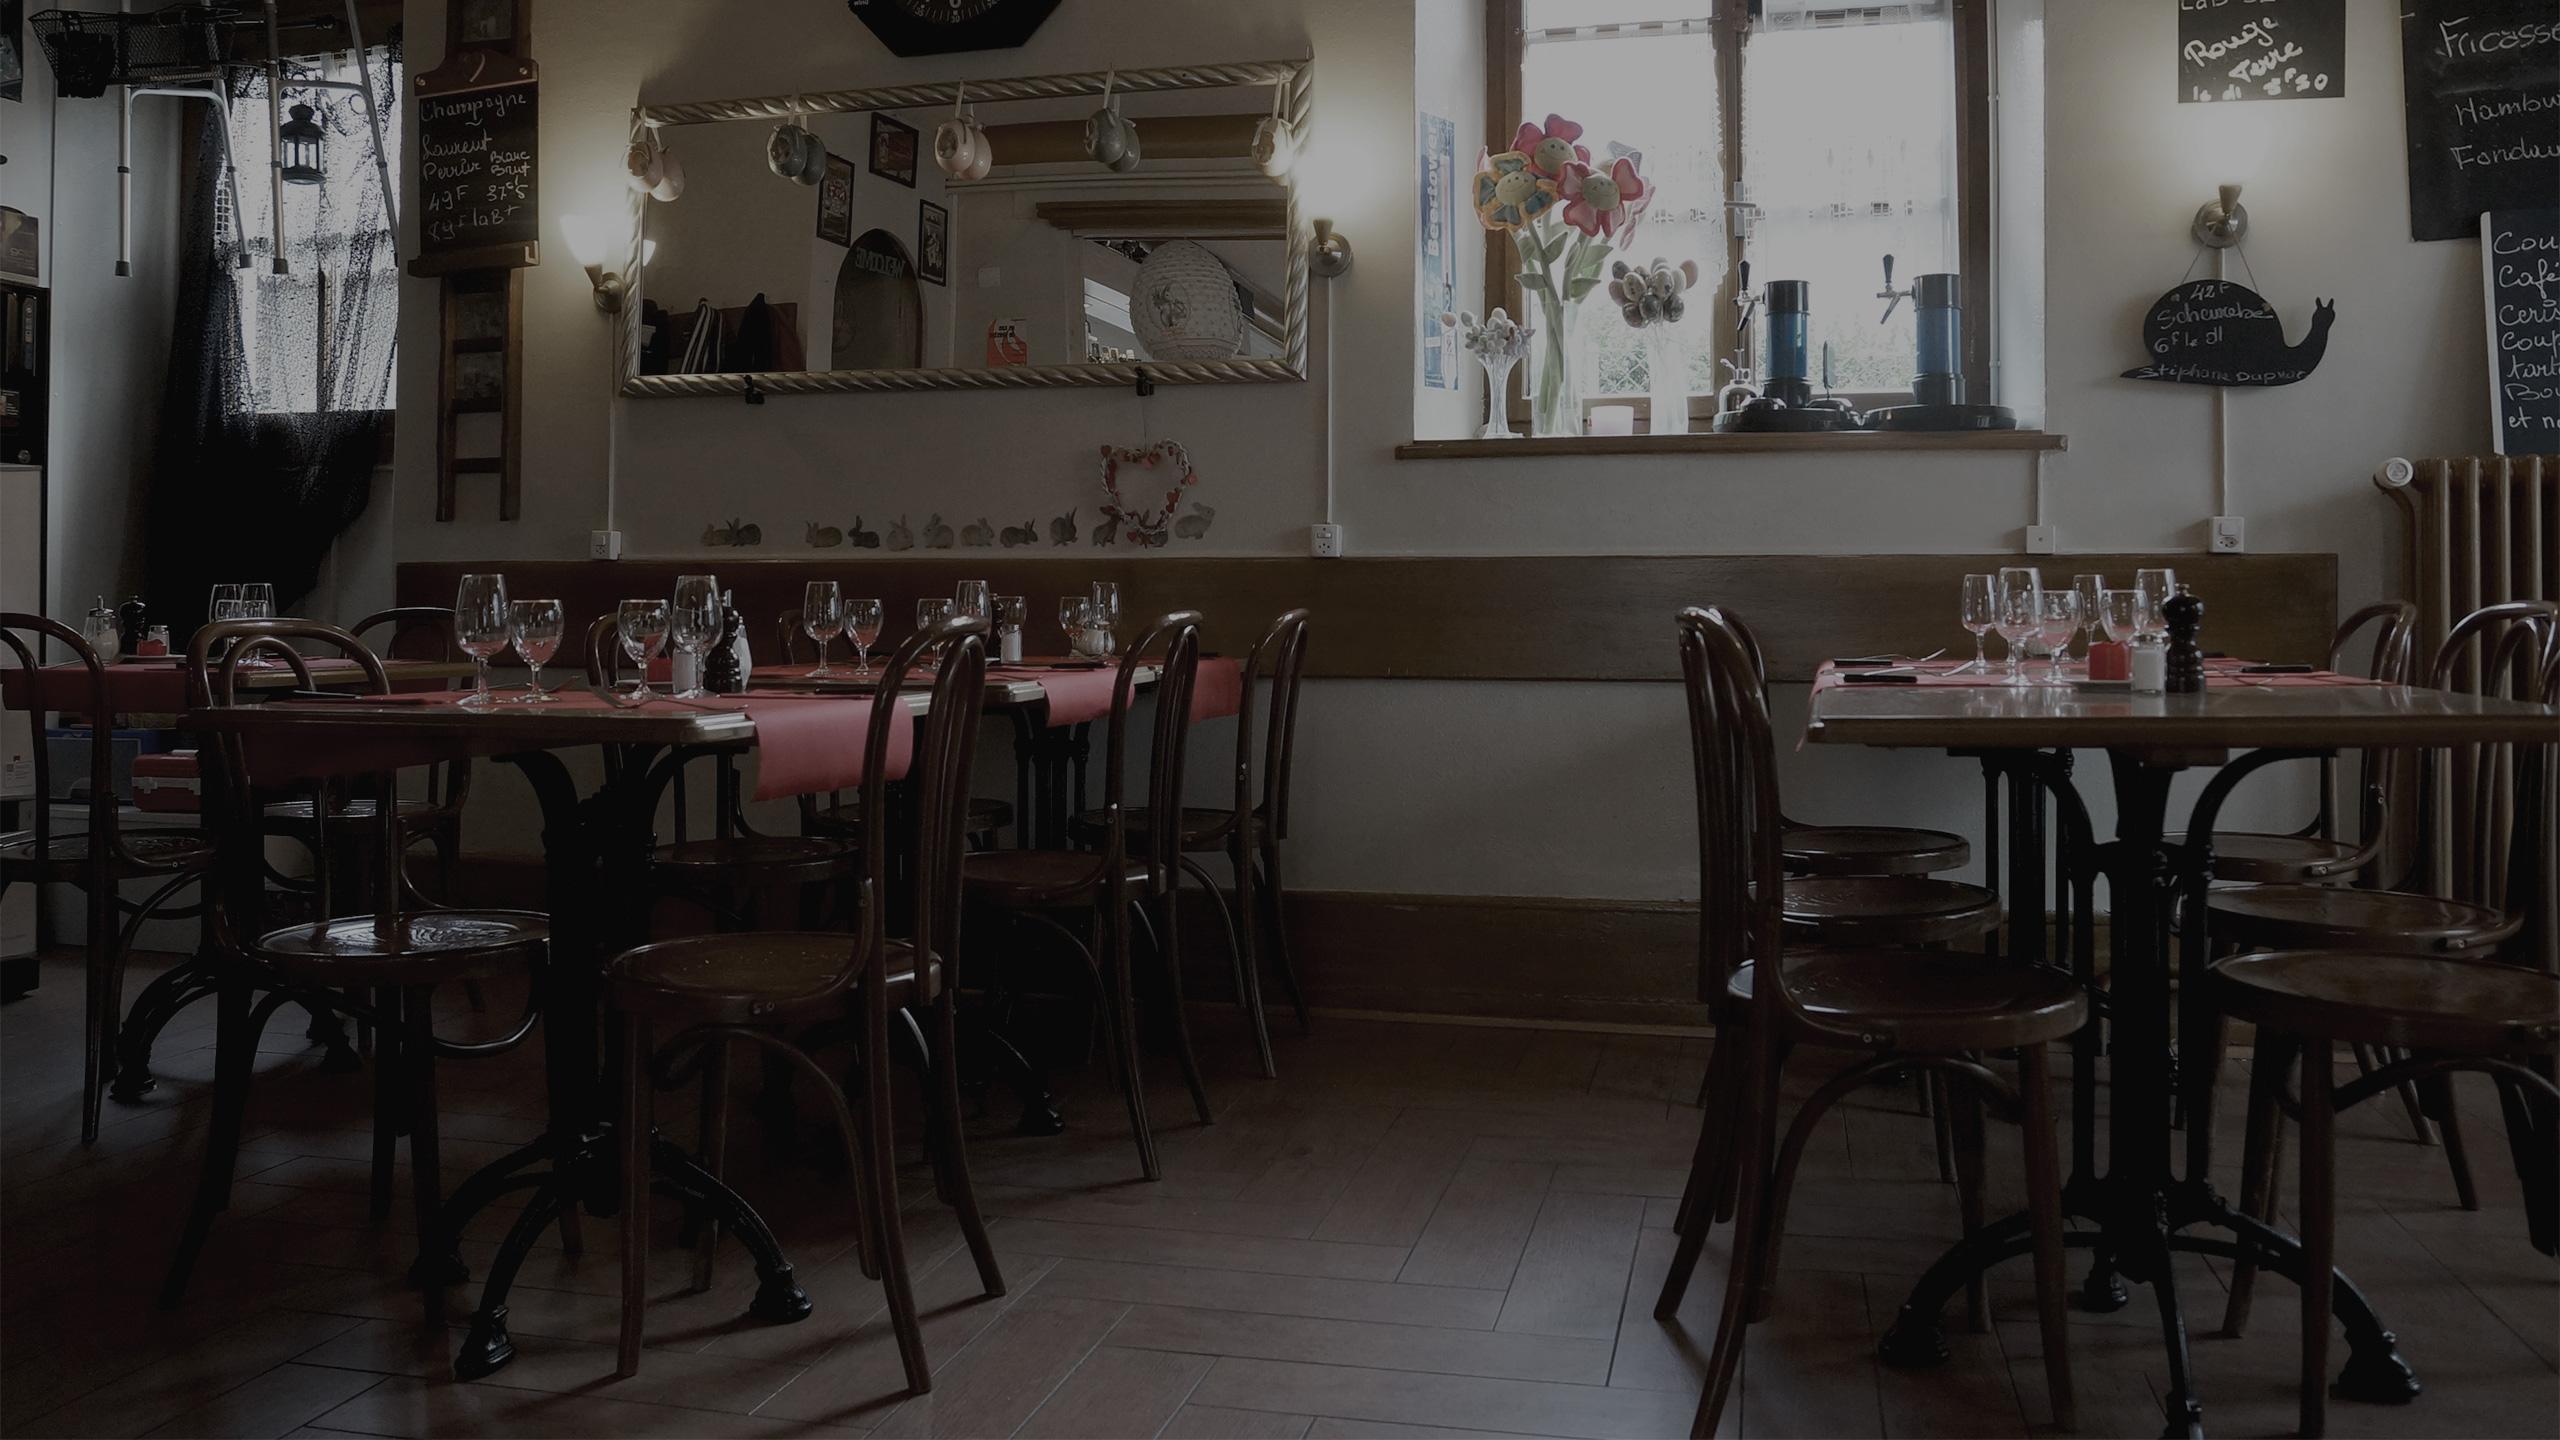 Chez le docteur, restaurant, laconnex